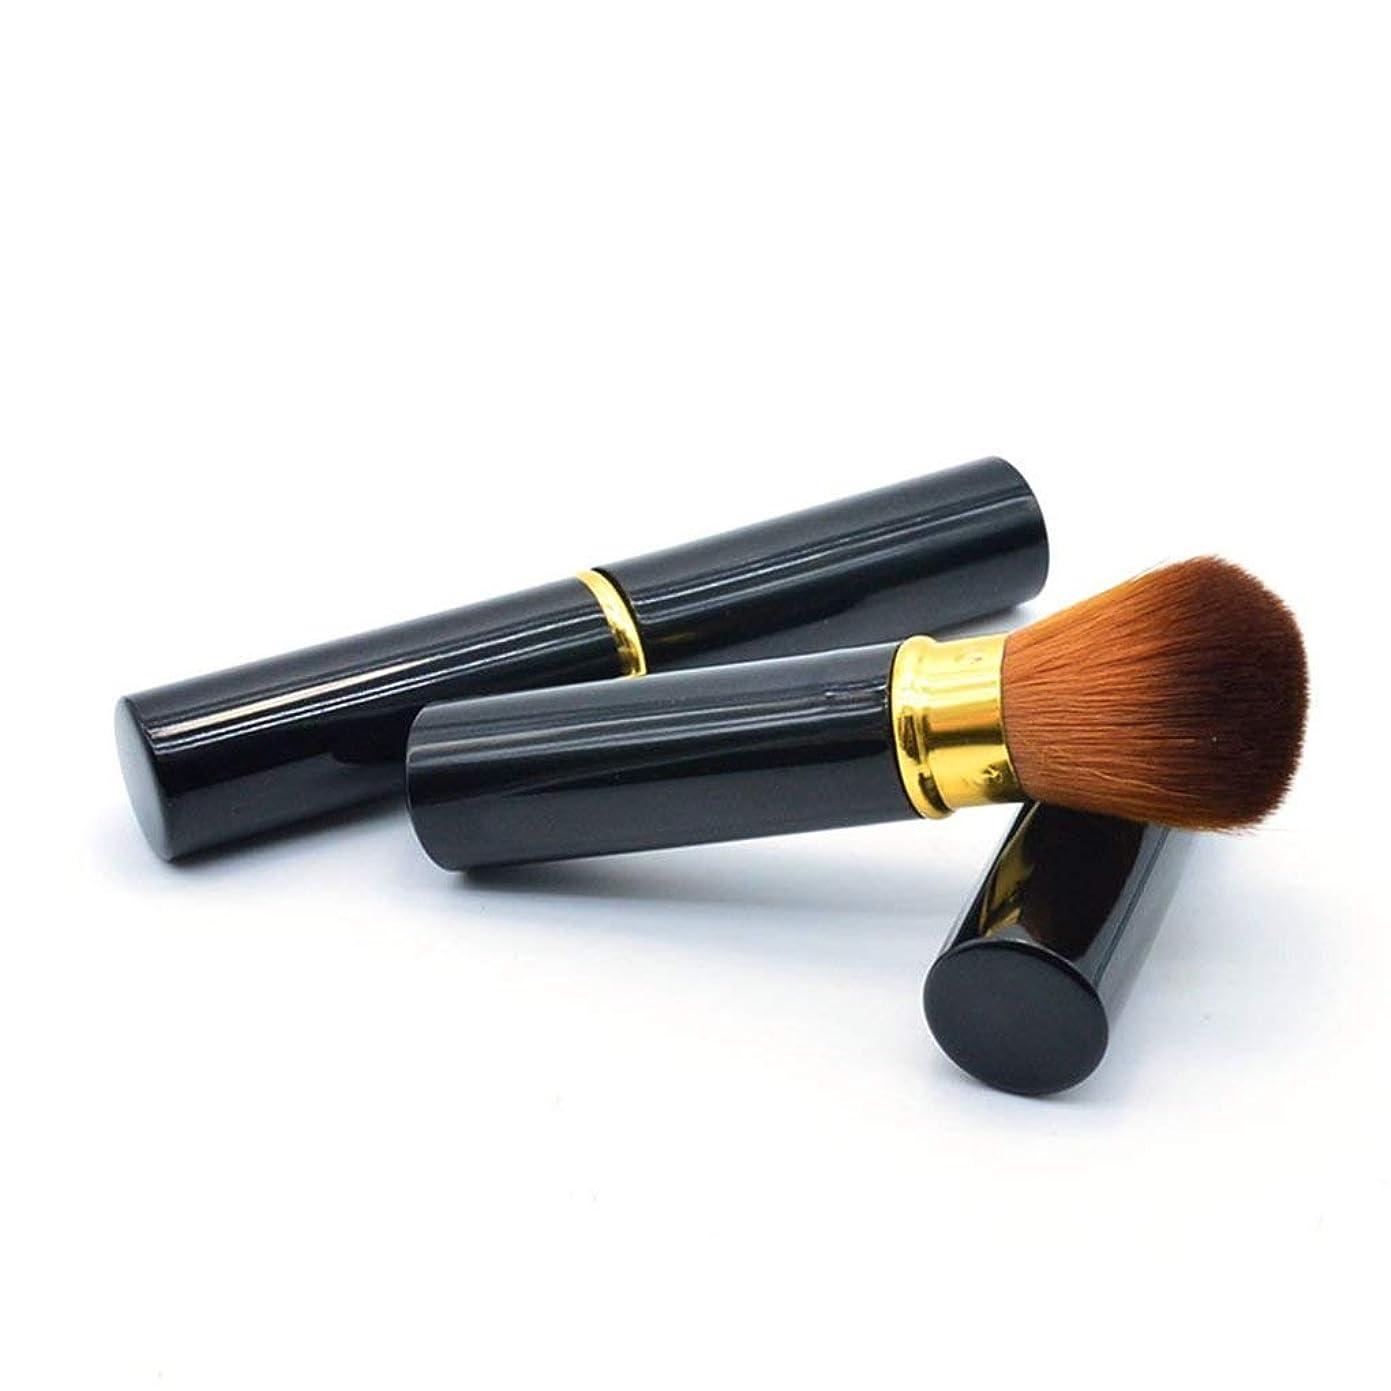 蒸留するジャーナル要塞メイクアップブラシファンデーションメイクアップリキッド、クリーム、または完璧なパウダー化粧品 - バフ、点描、コンシーラー - 上質な合成稠密剛毛